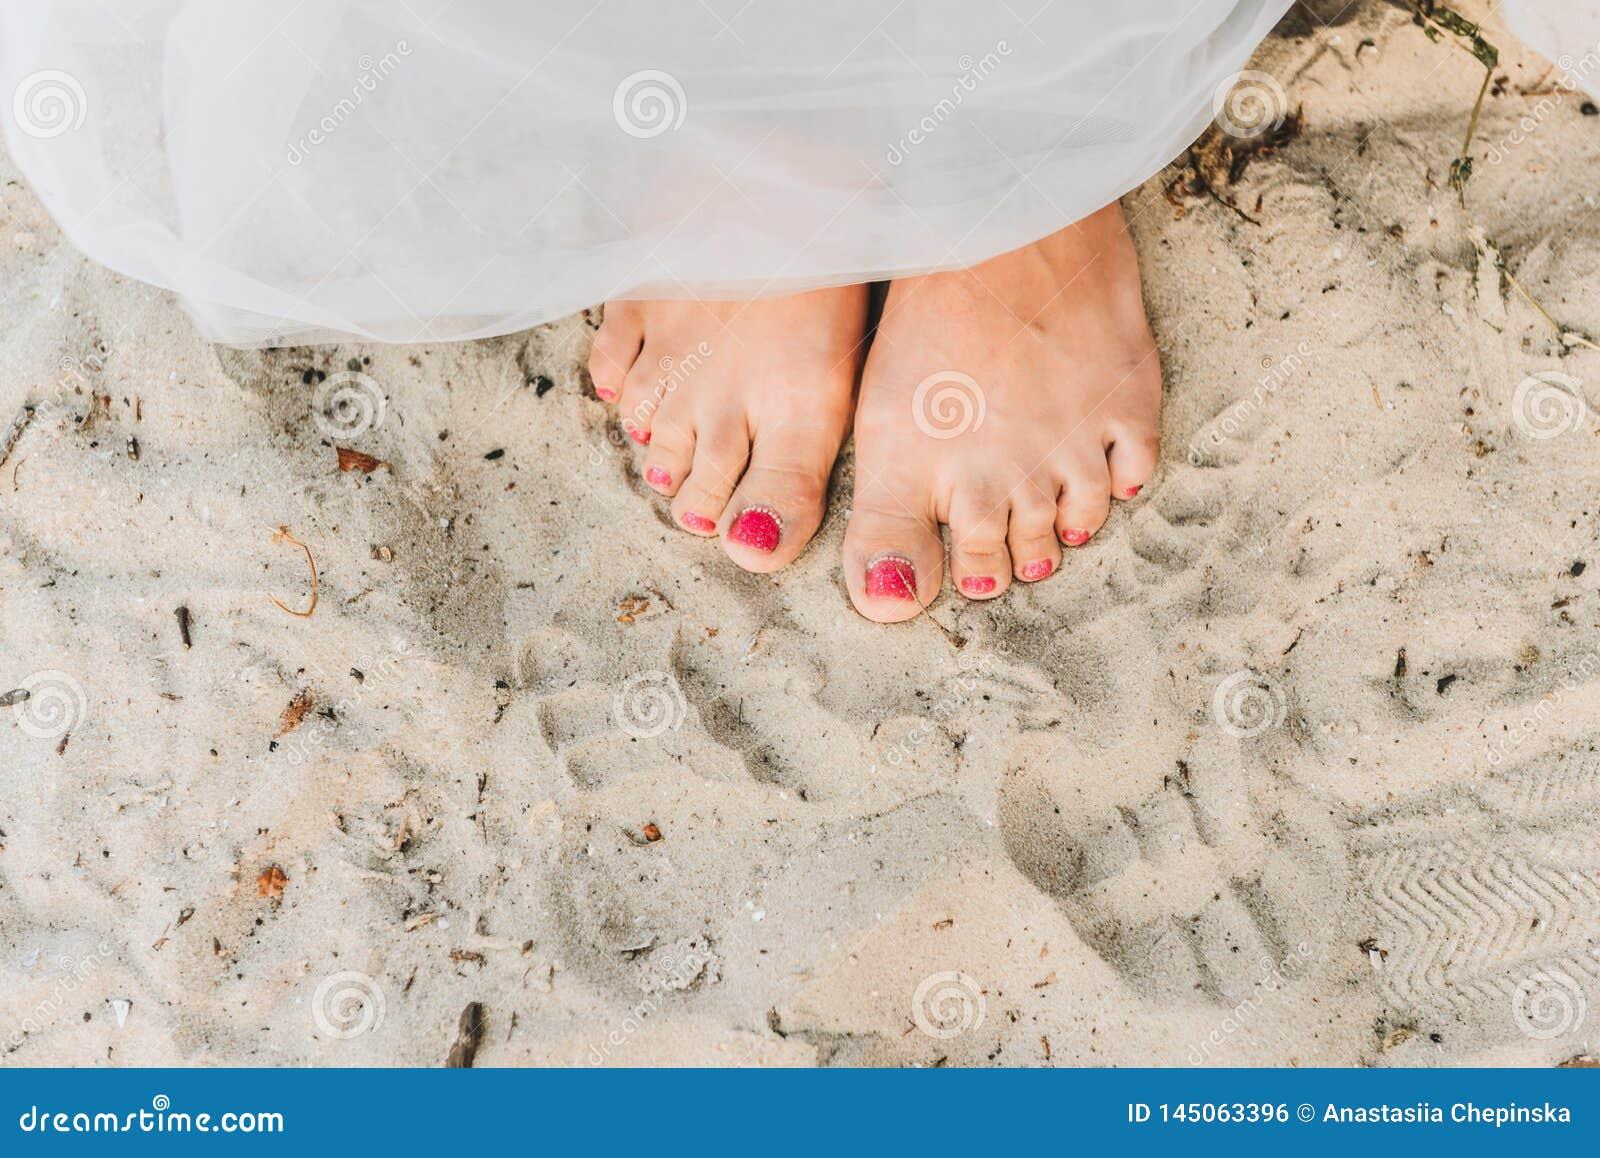 Posição da mulher descalça em uma praia